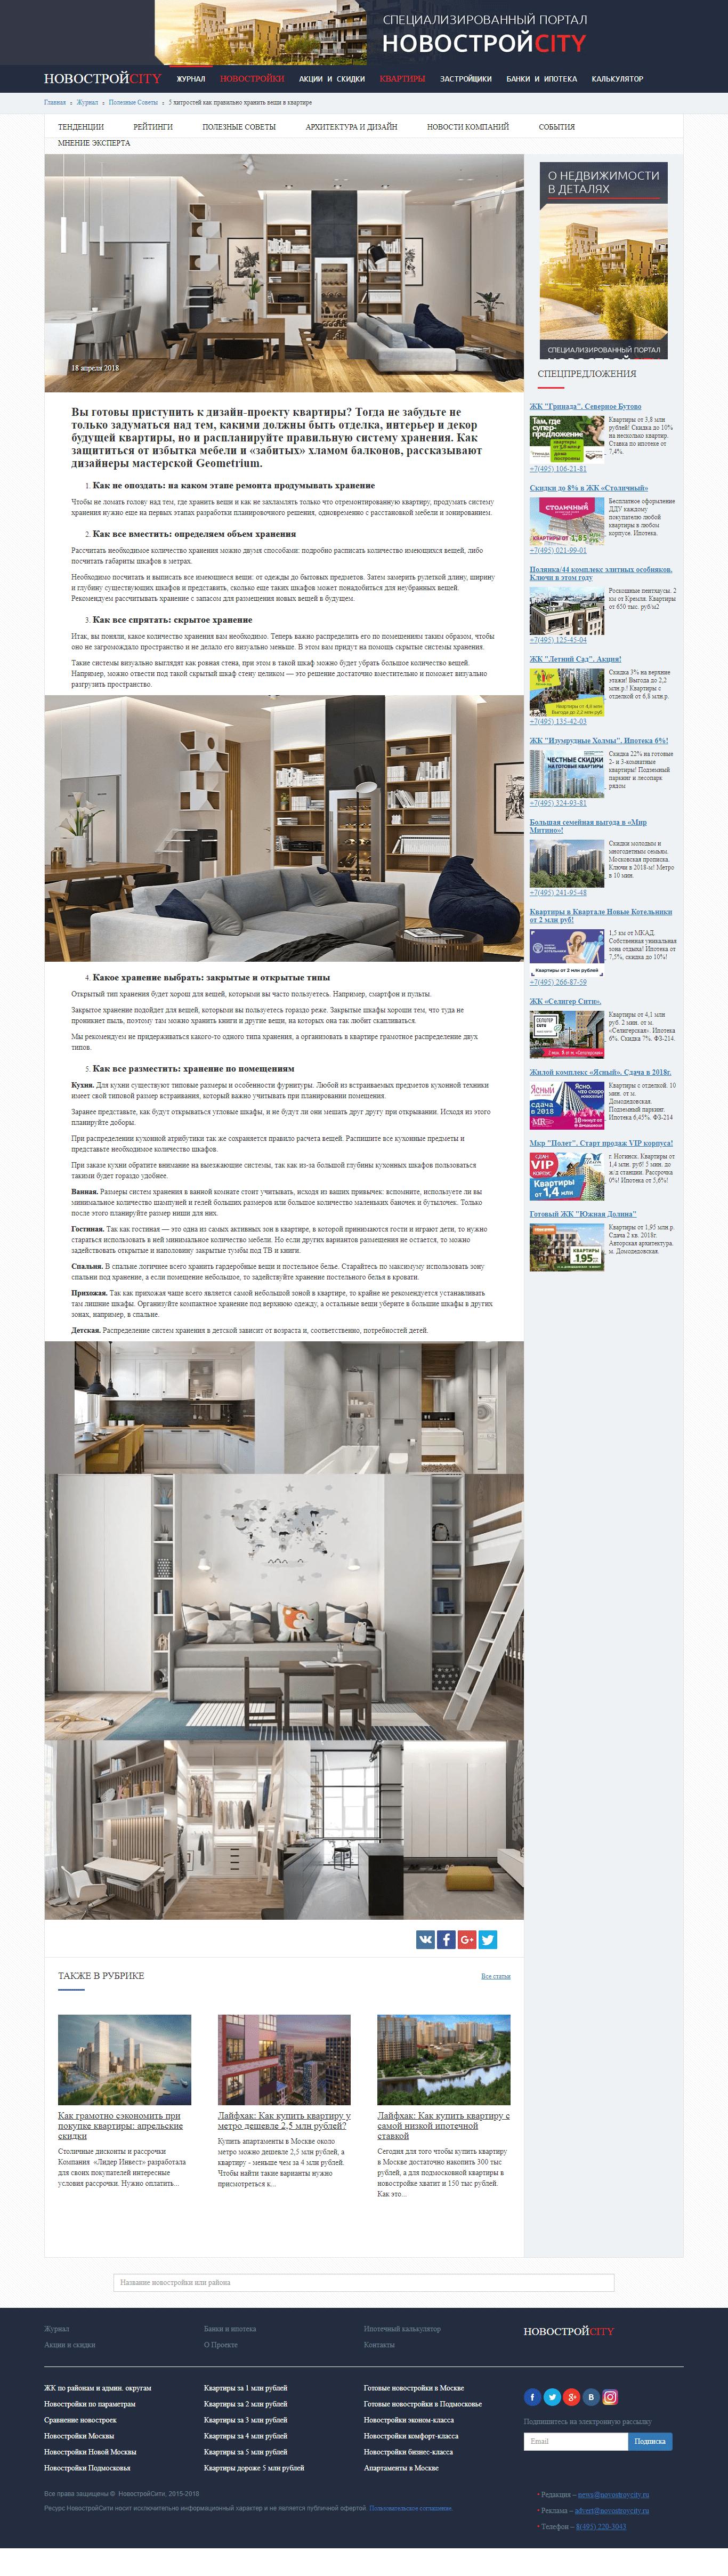 5 хитростей как хранить вещи в квартире — статья Geometrium на портале НовостройCity